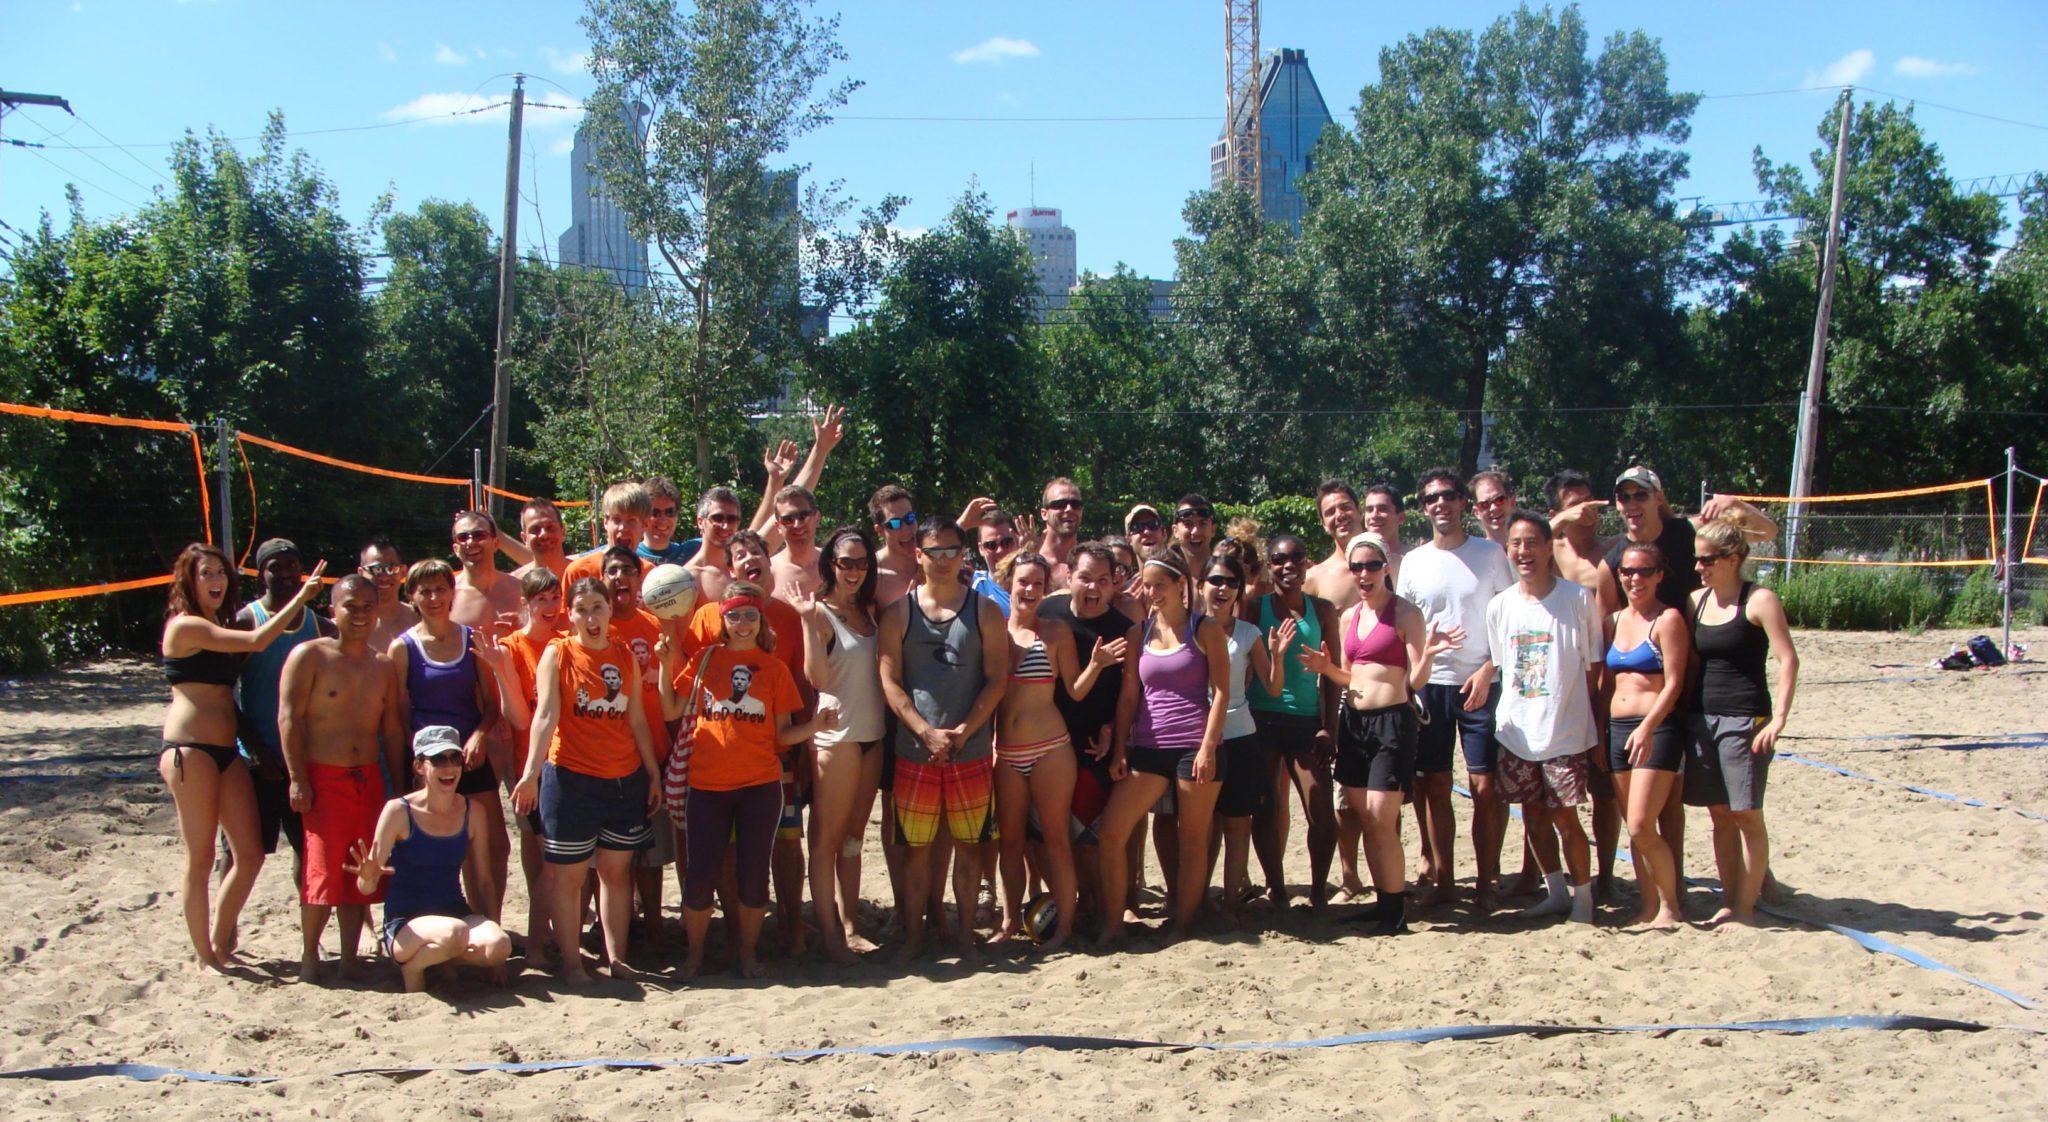 Beach_Volleyball_Group_crop-min